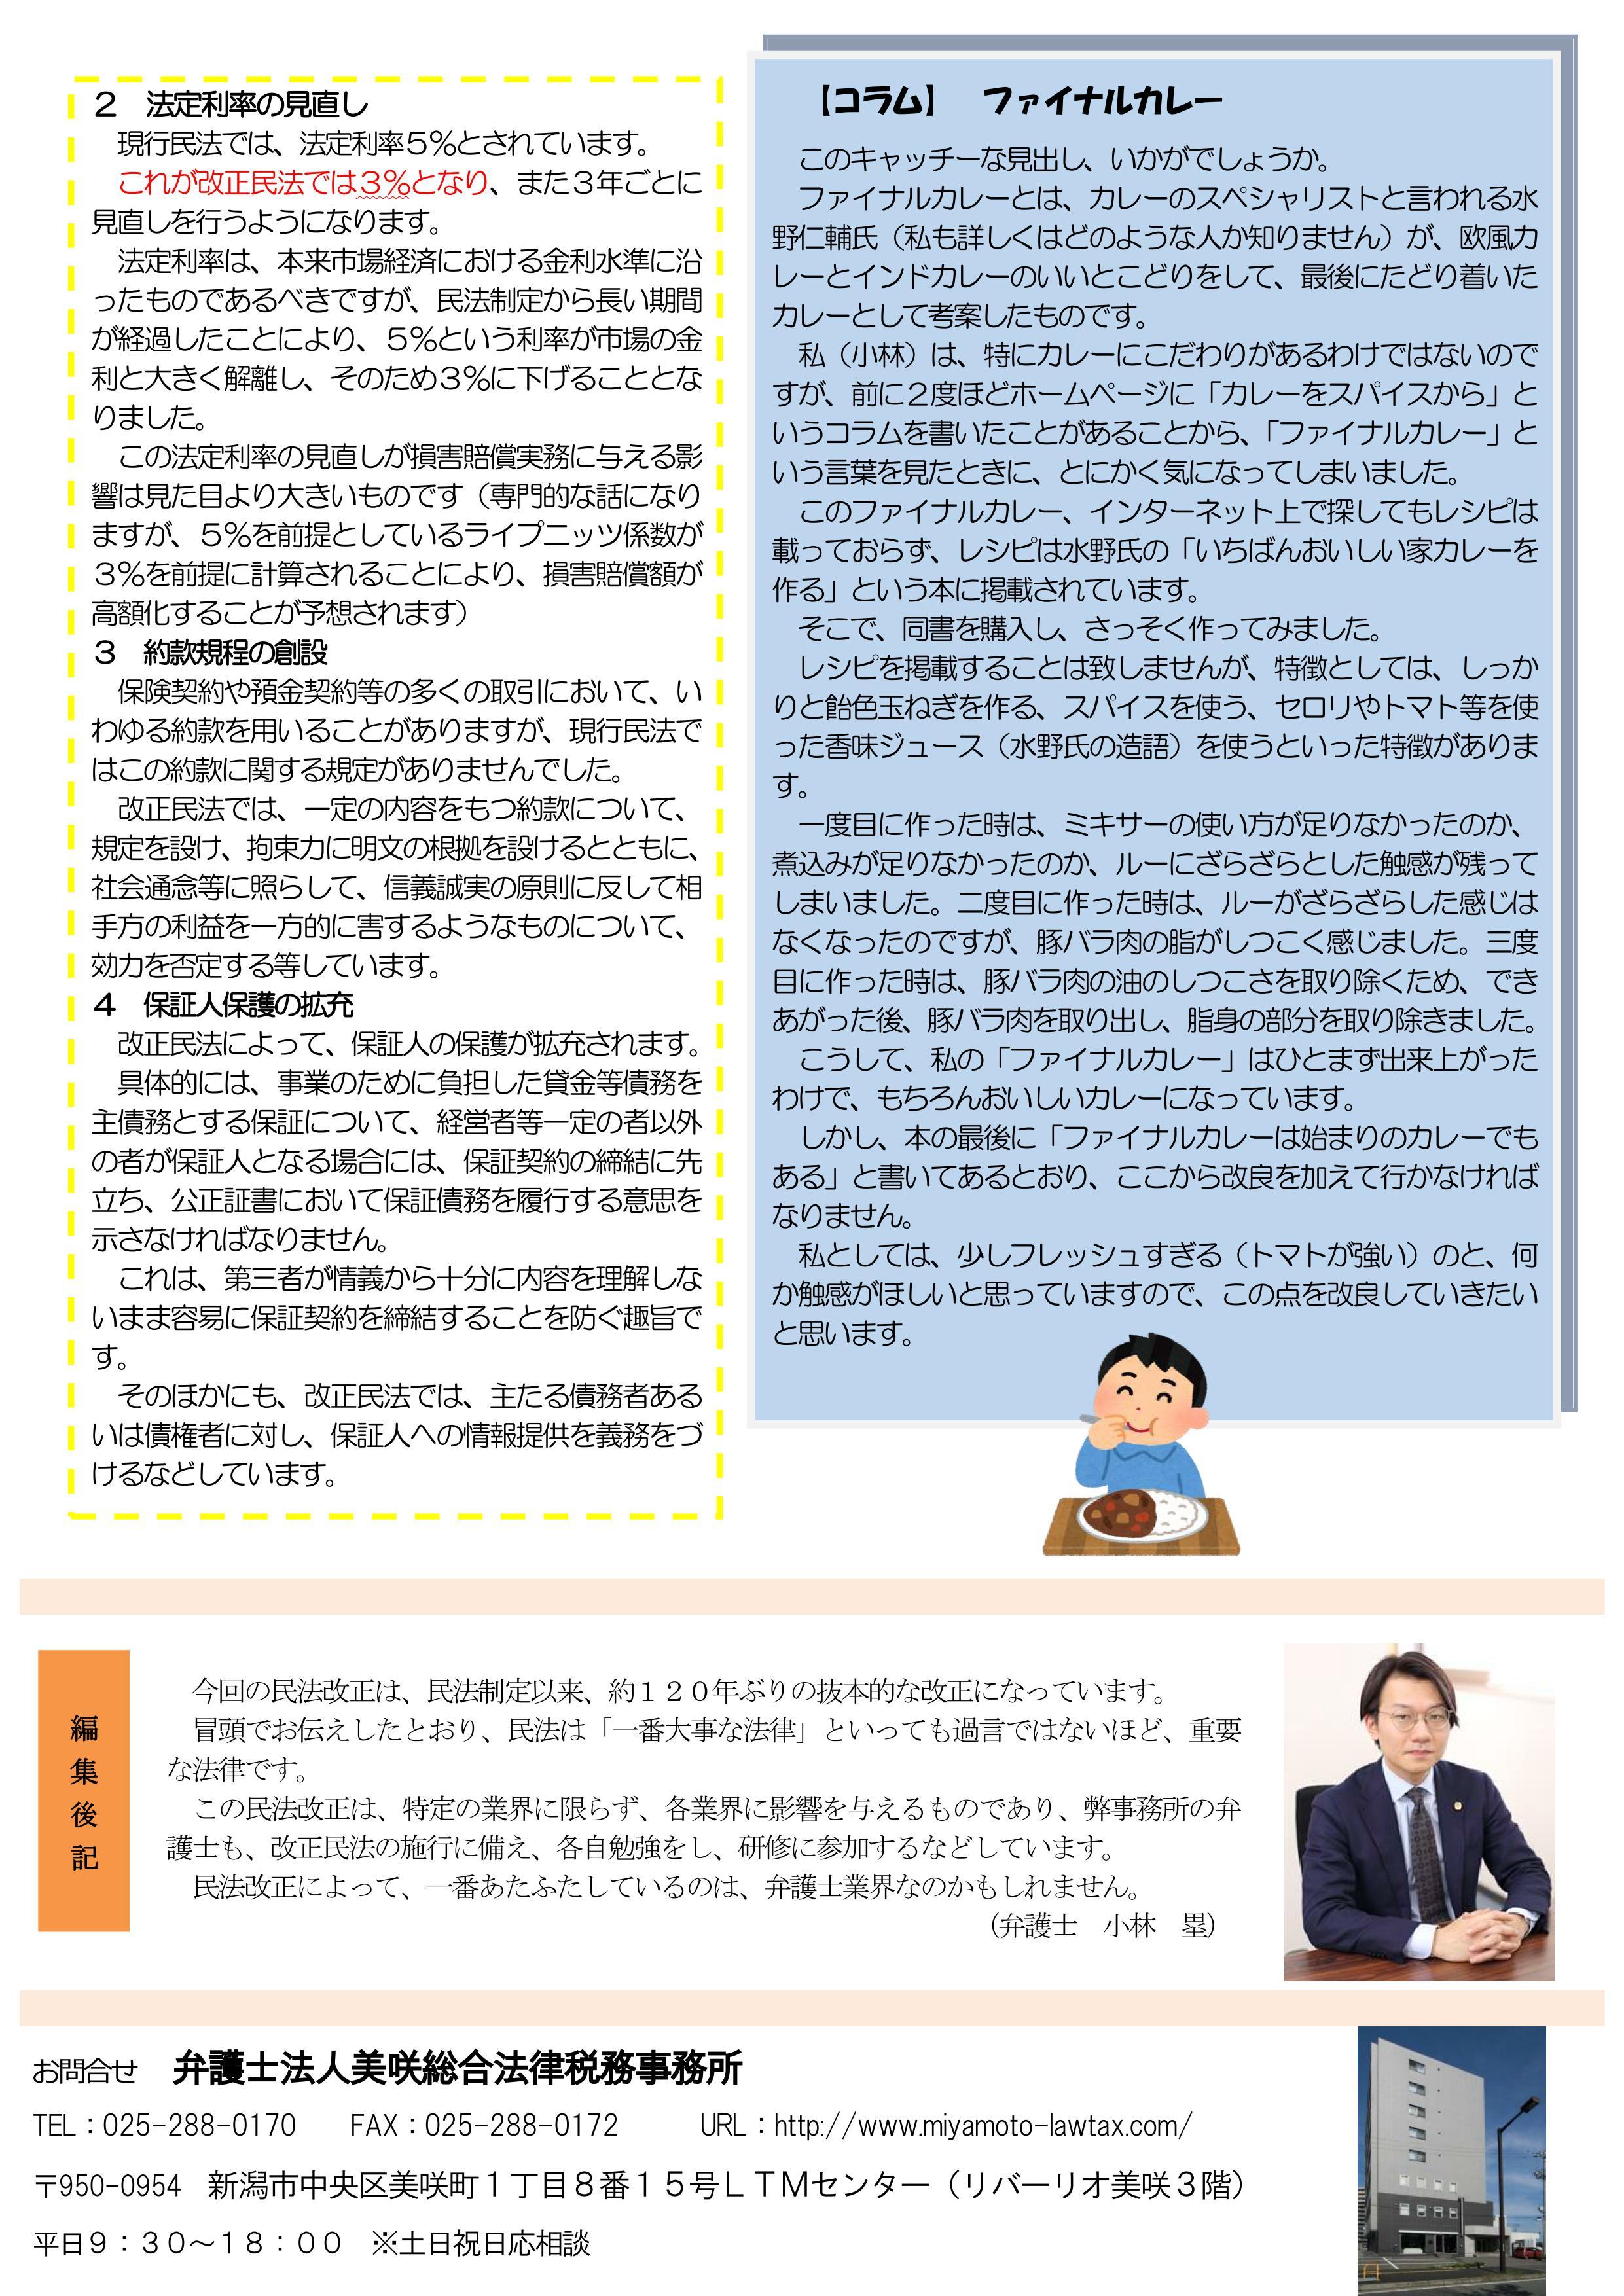 ニュースレター vol.11_02.jpg